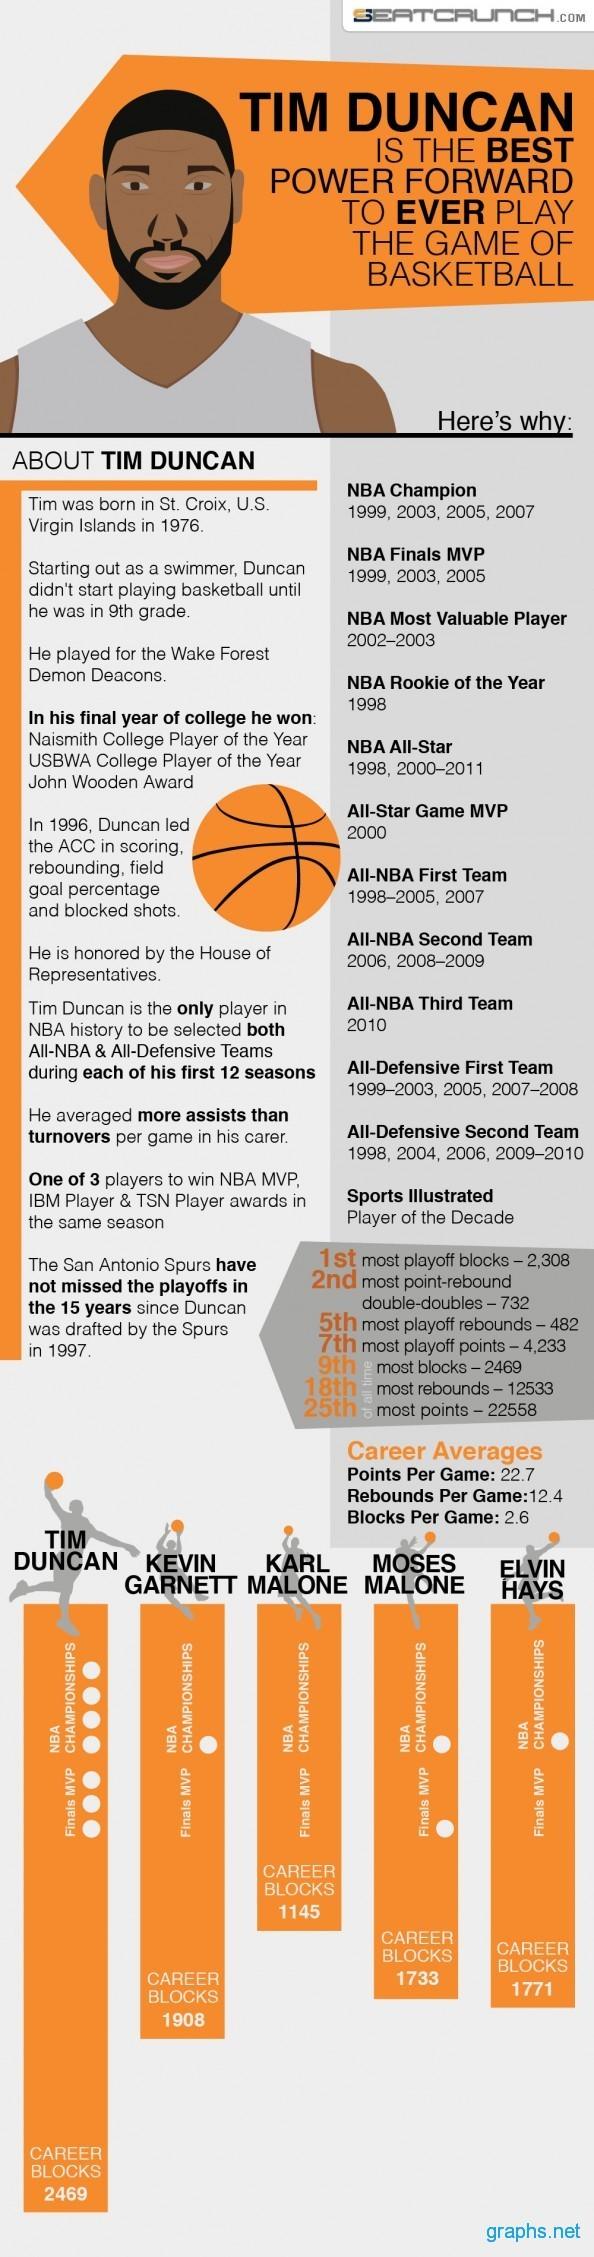 Tim Duncan Stats